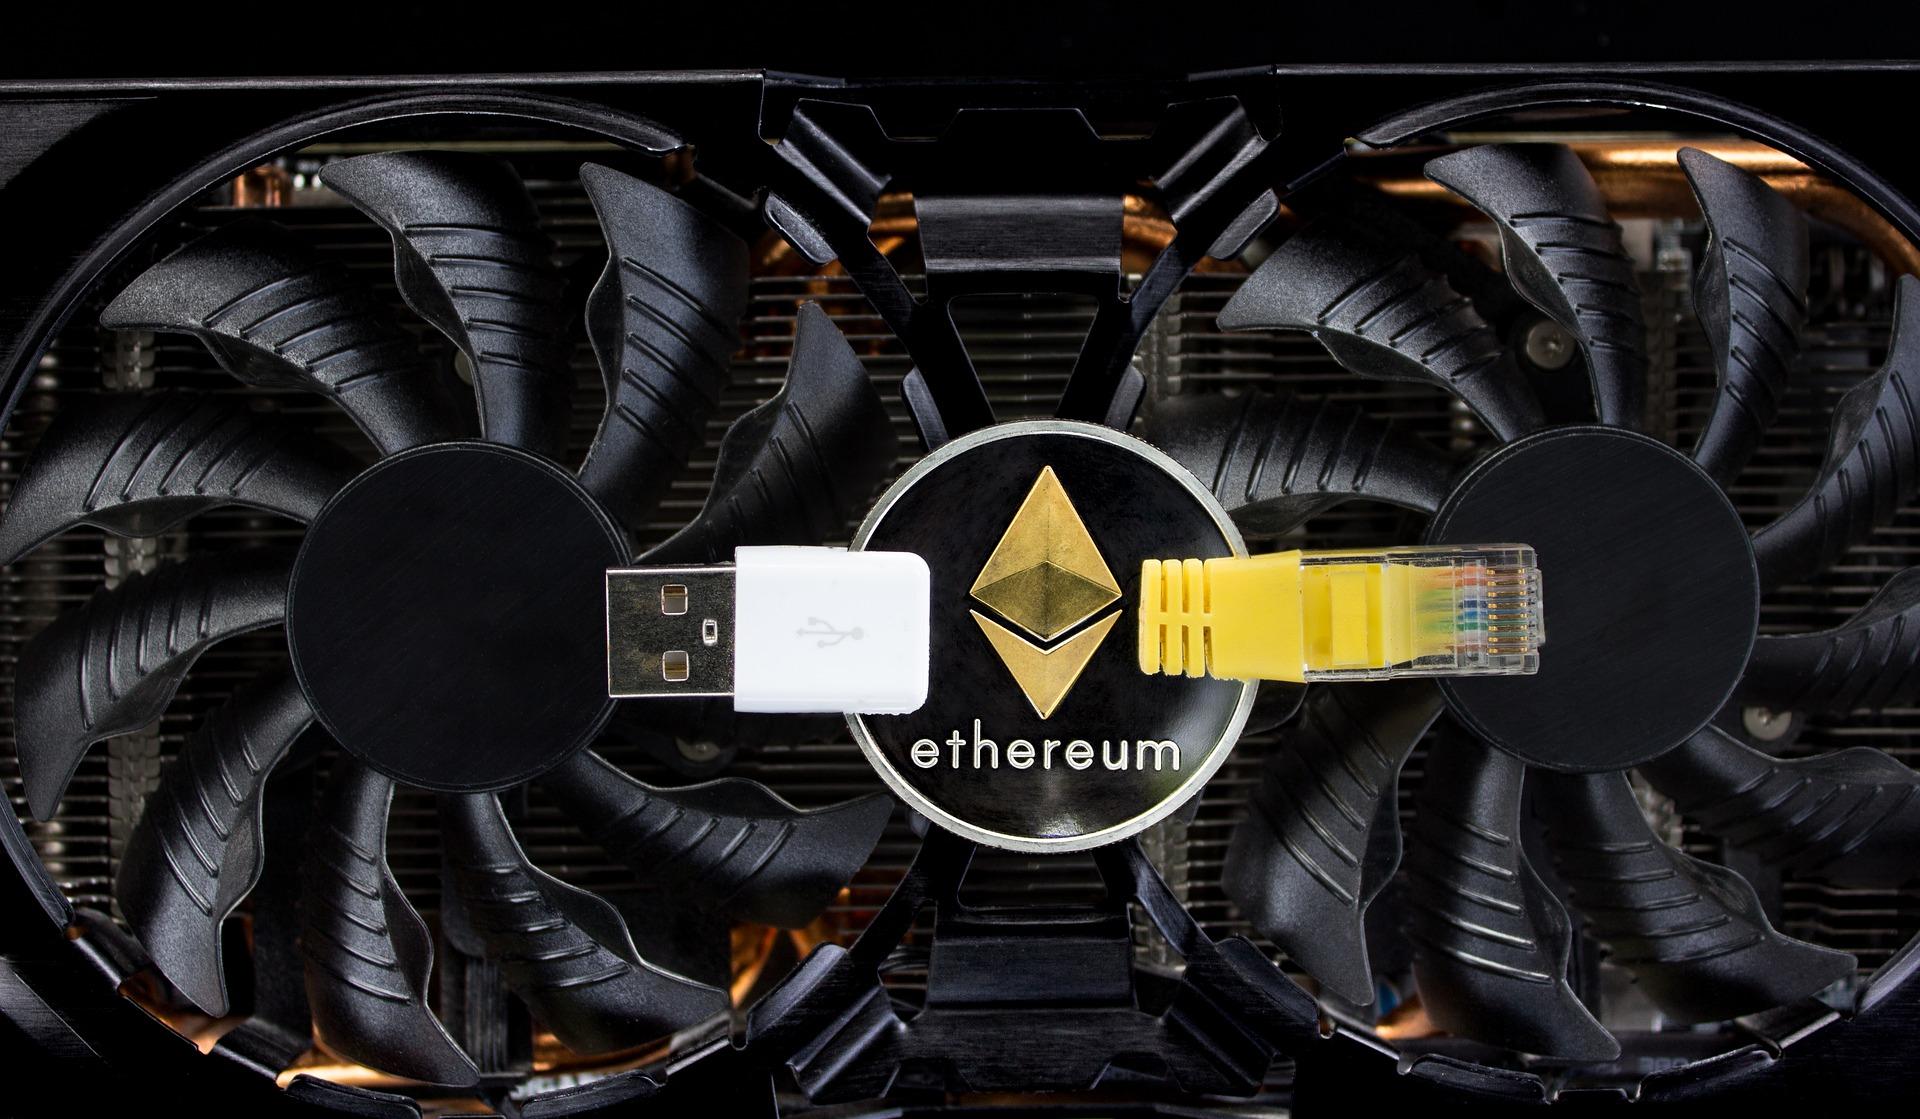 Ethereum: Les mineurs bénéficient d'une hausse de leurs revenus, suite à la flambée des prix du gaz